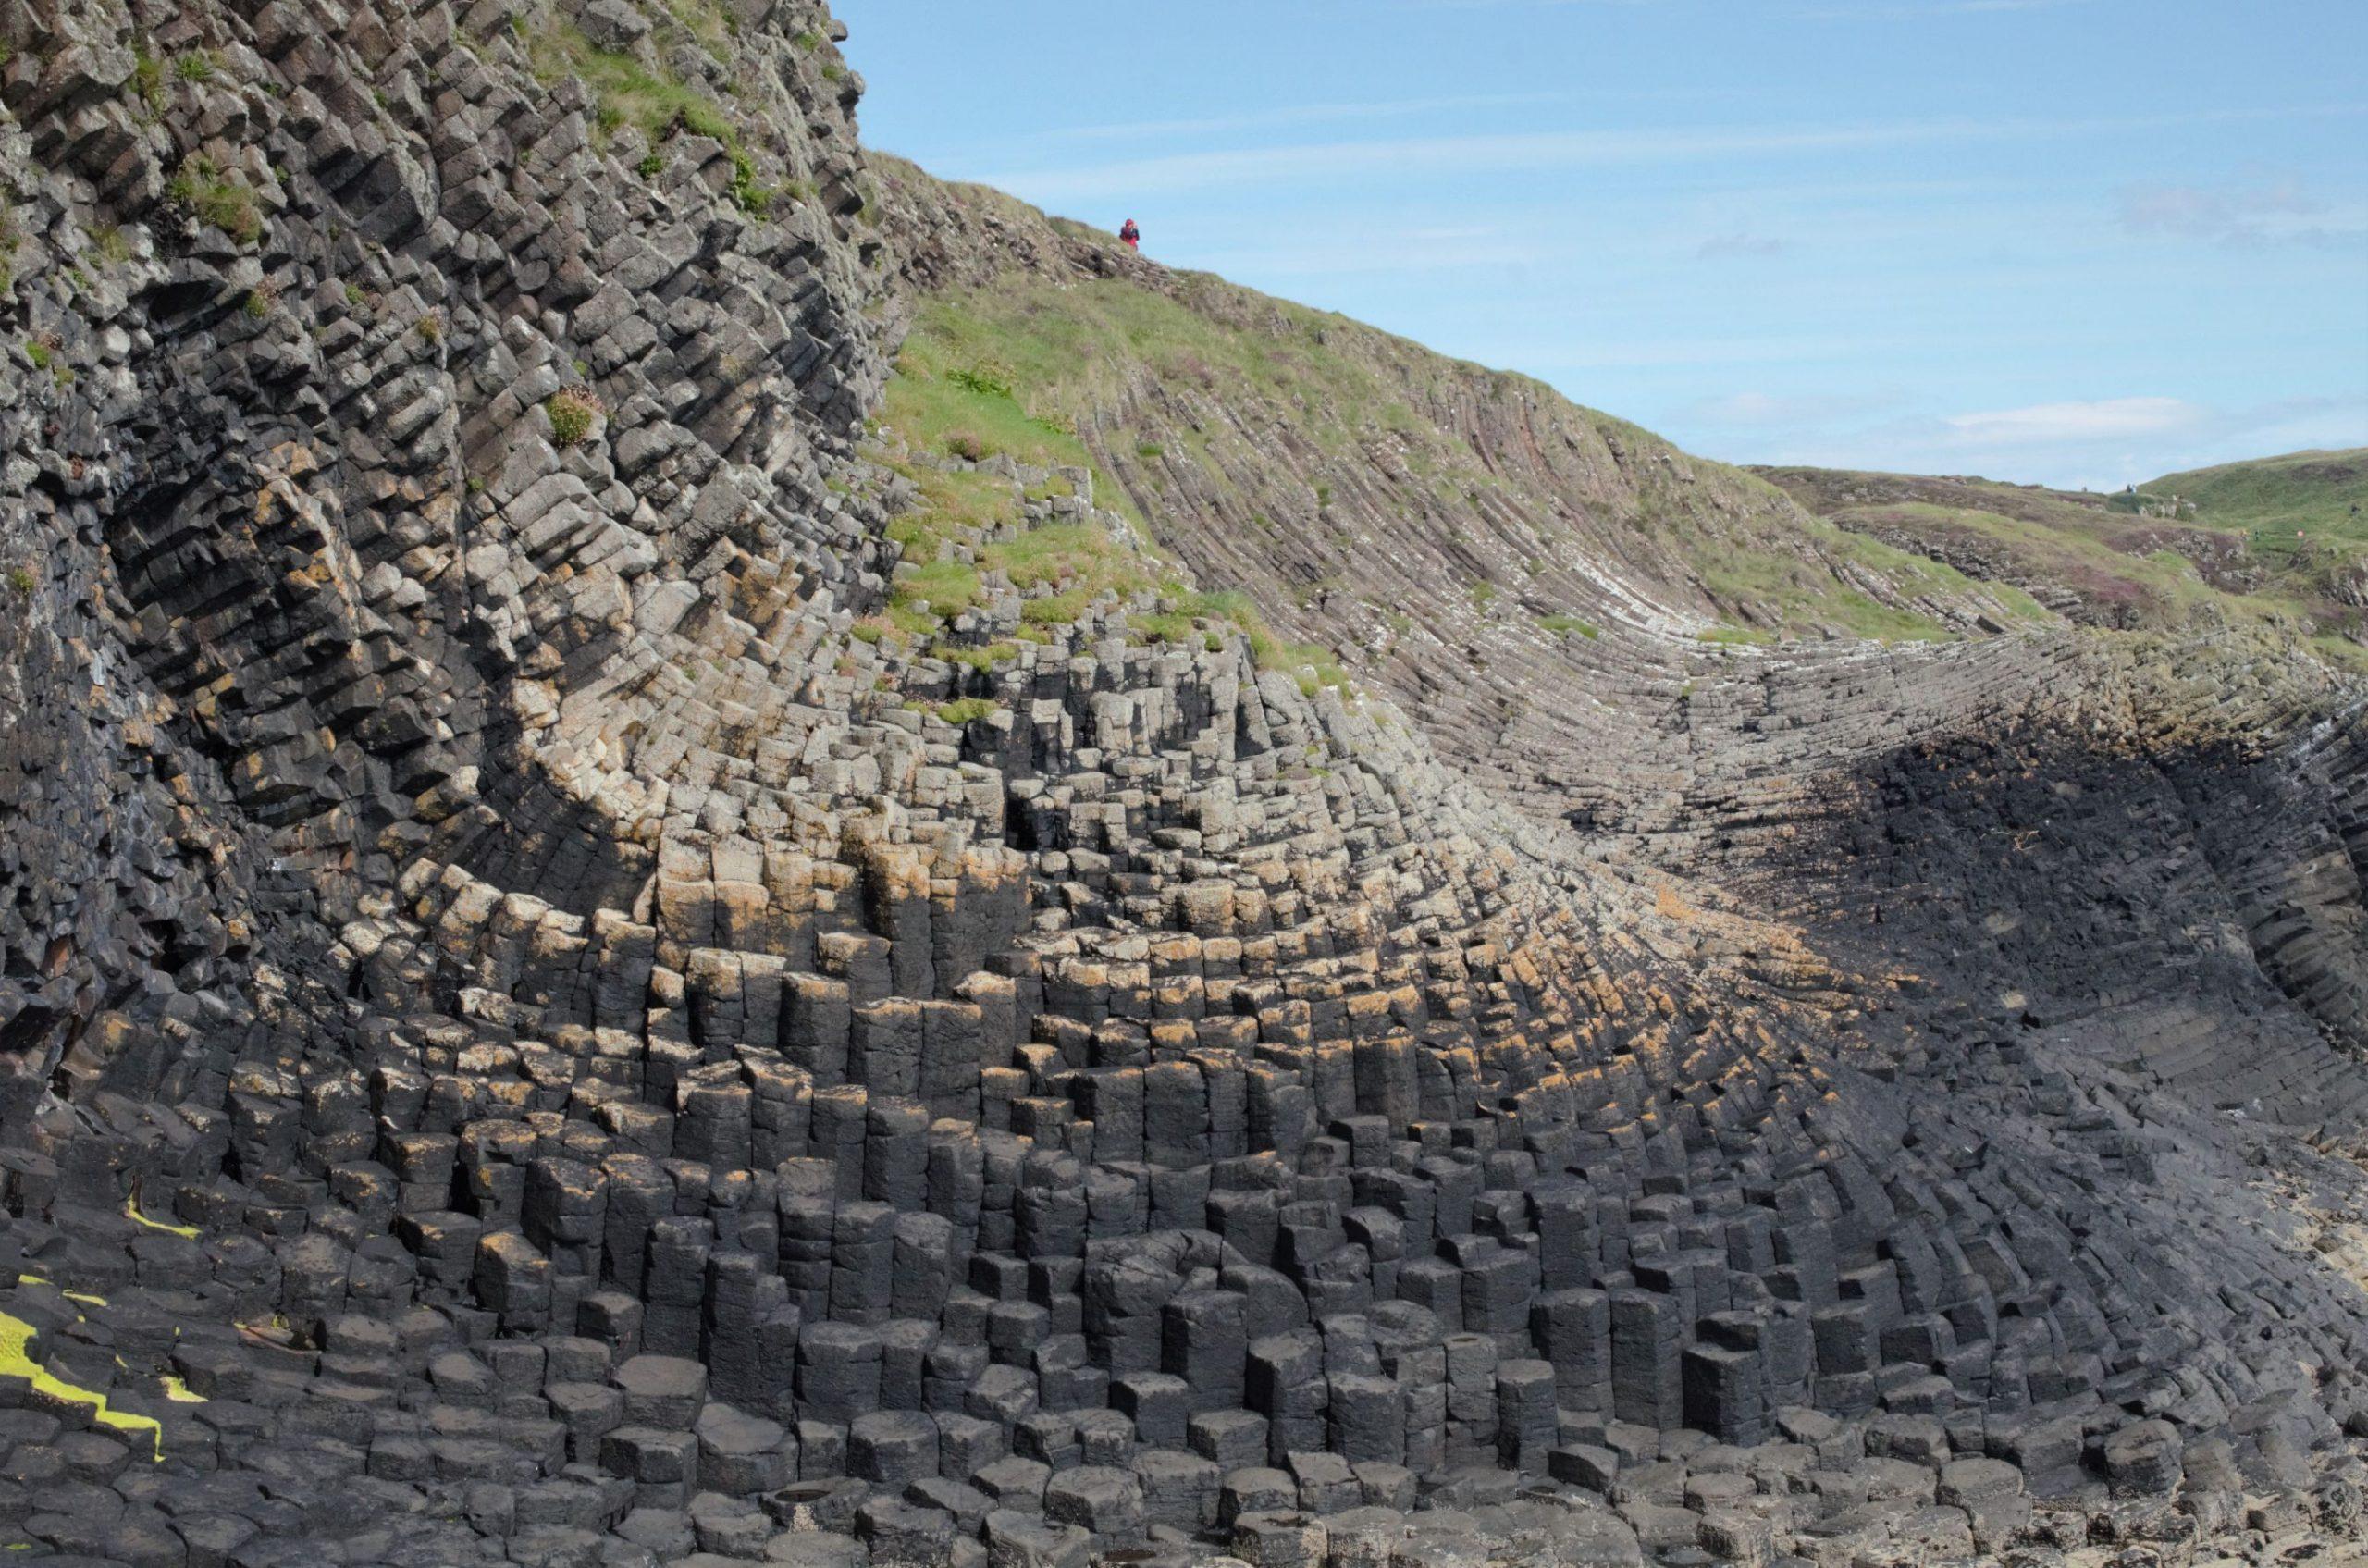 Staffa, Fingals cave